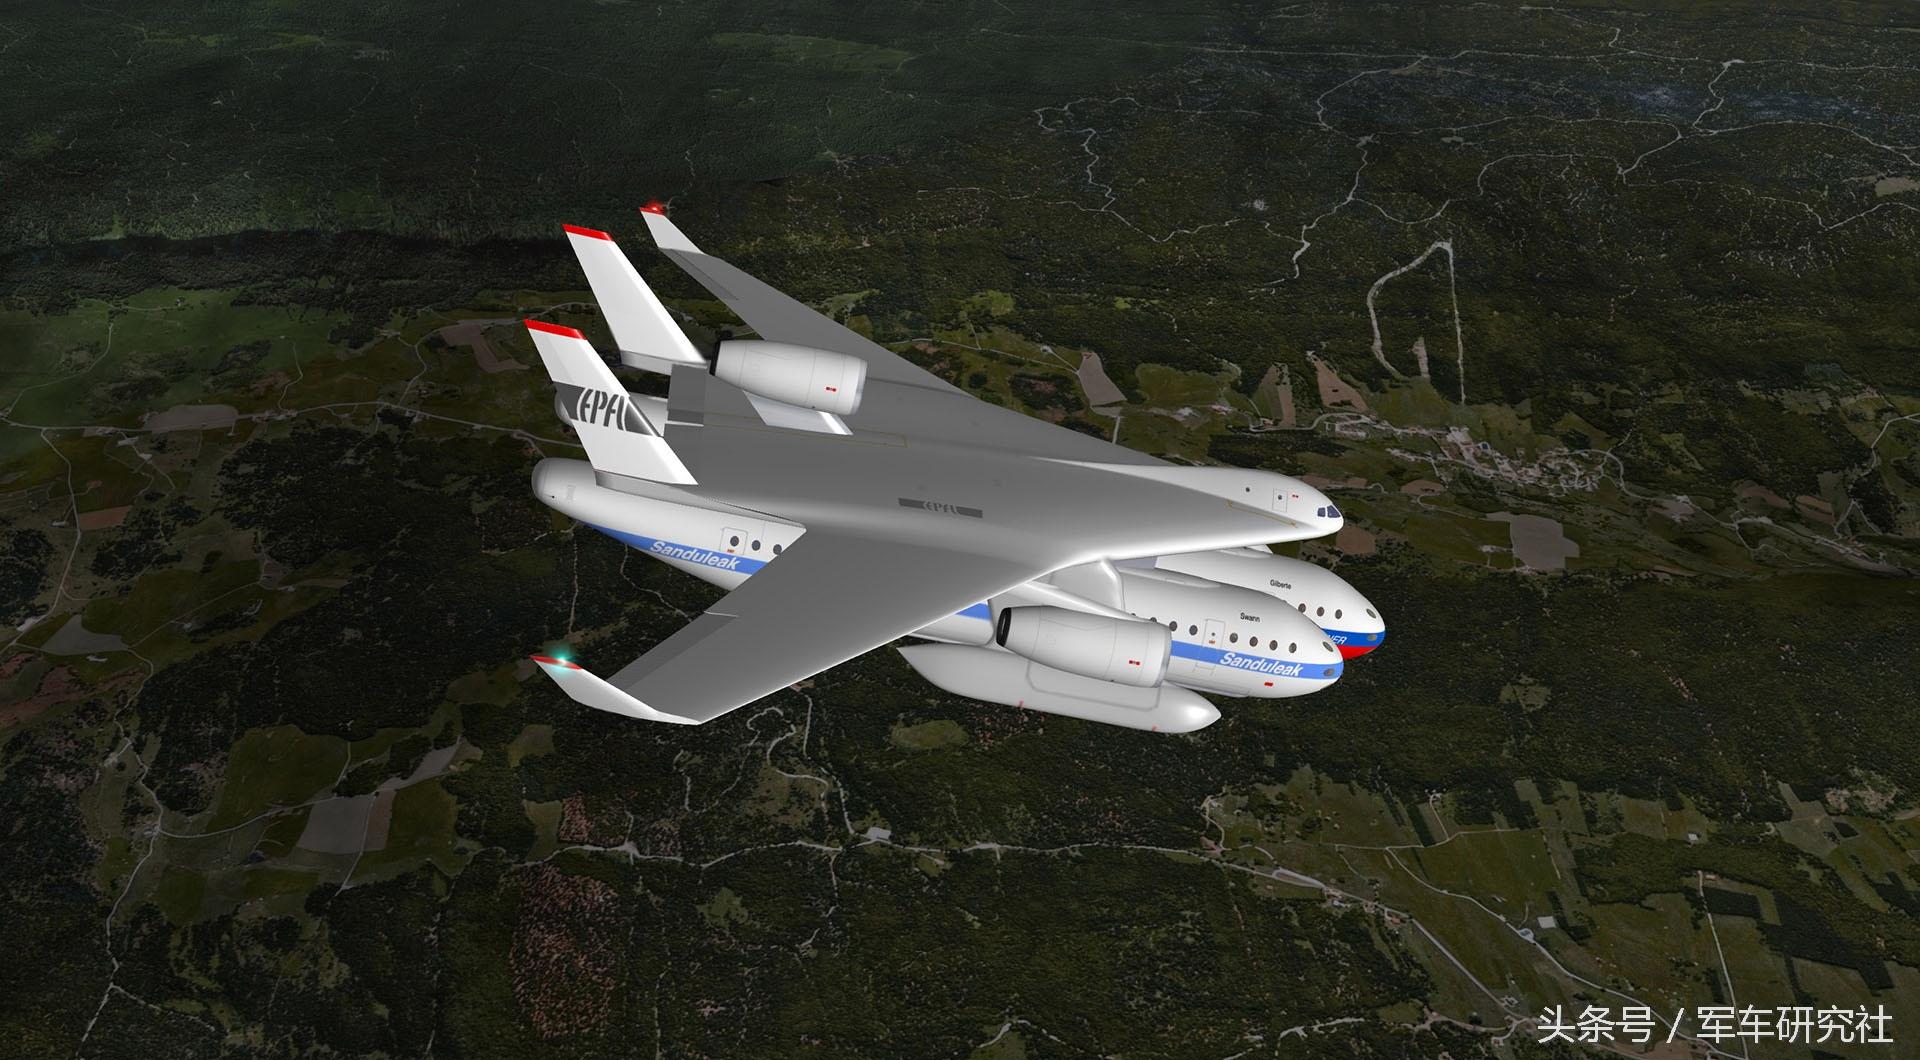 工程师设计出模块化飞机:客舱吊在机身下方